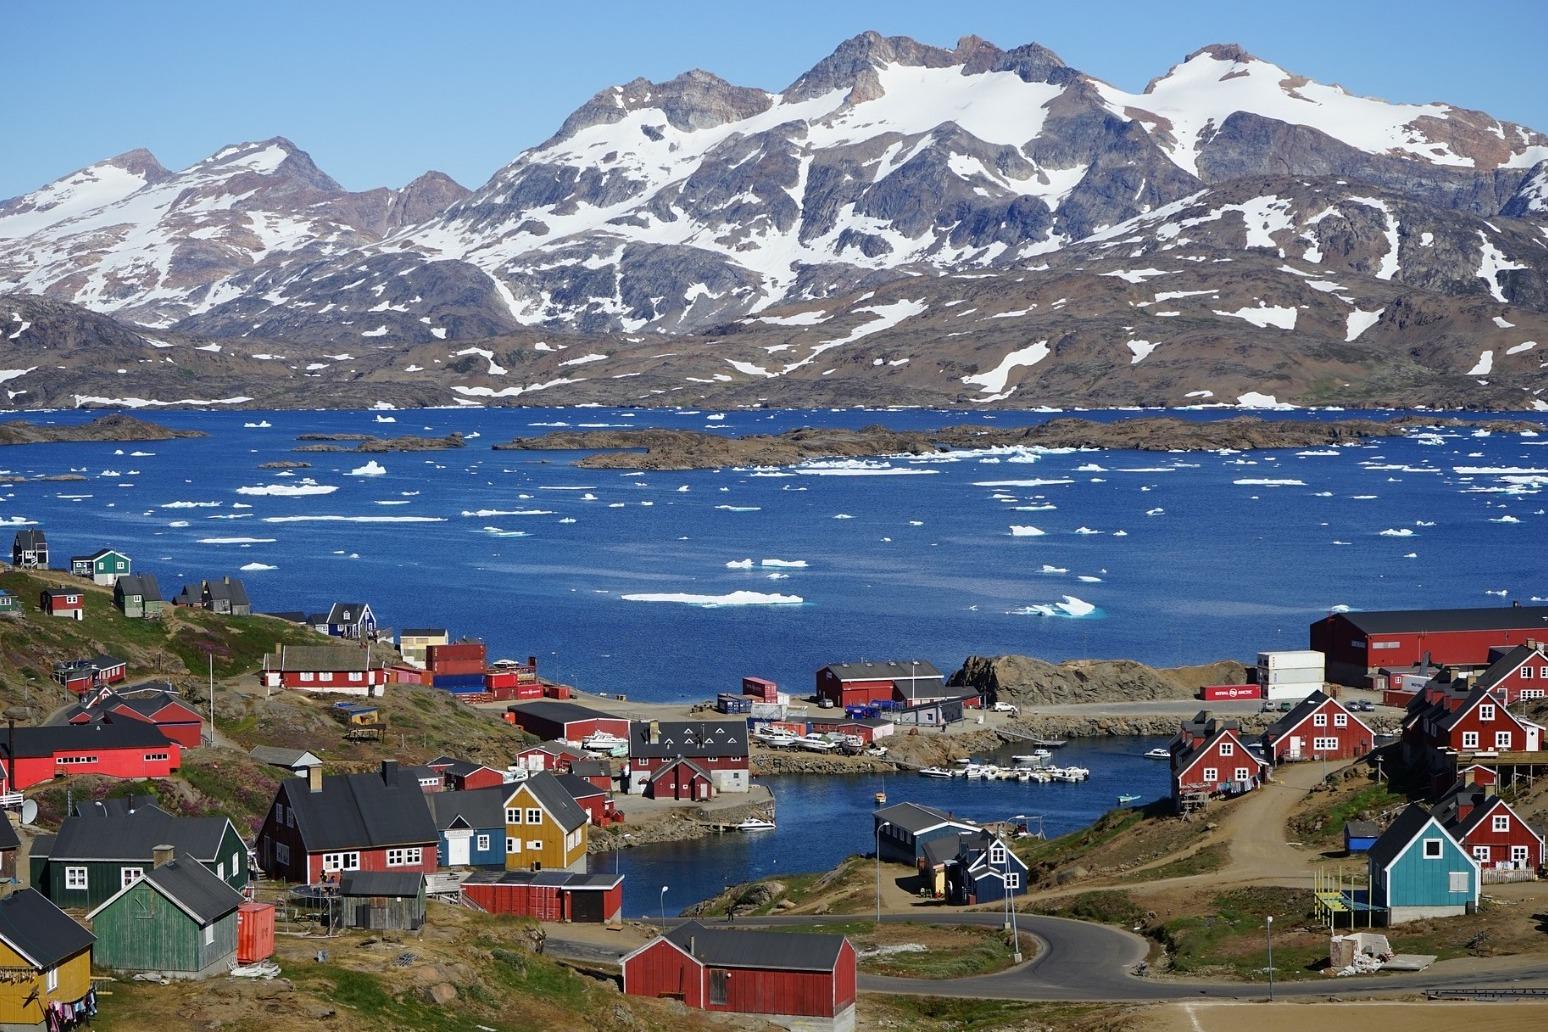 Trump spurned over Greenland, cancels Denmark visit